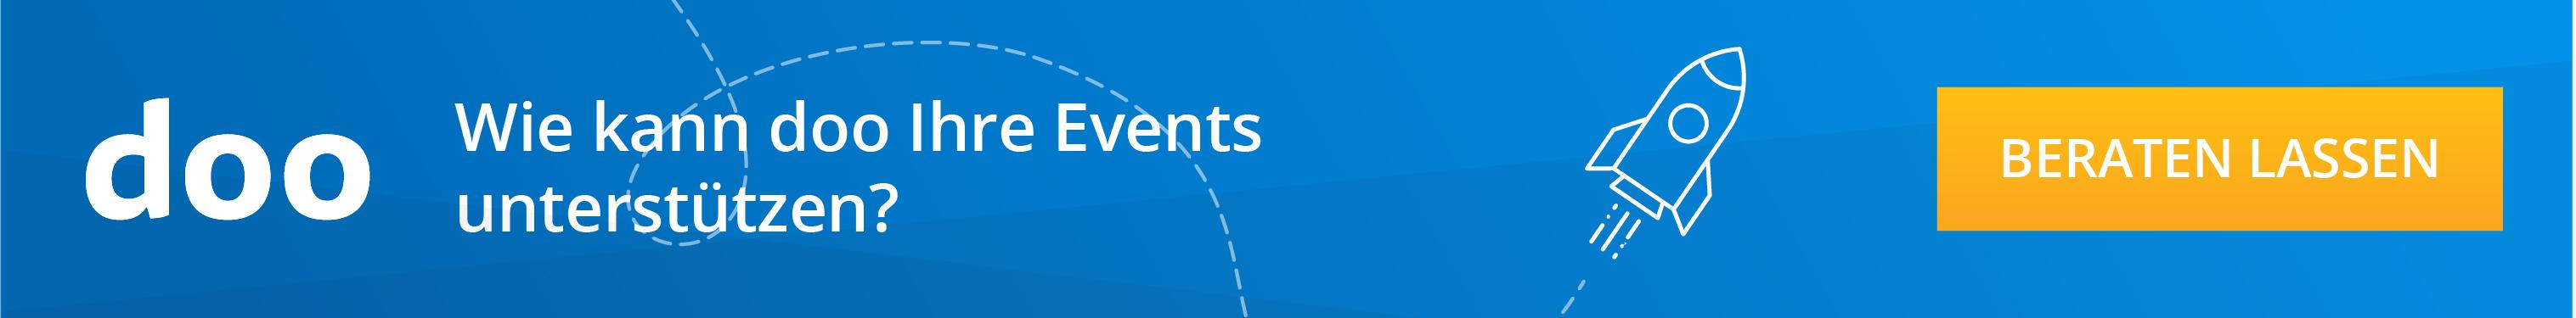 Wie kann doo Ihre Events unterstützen?